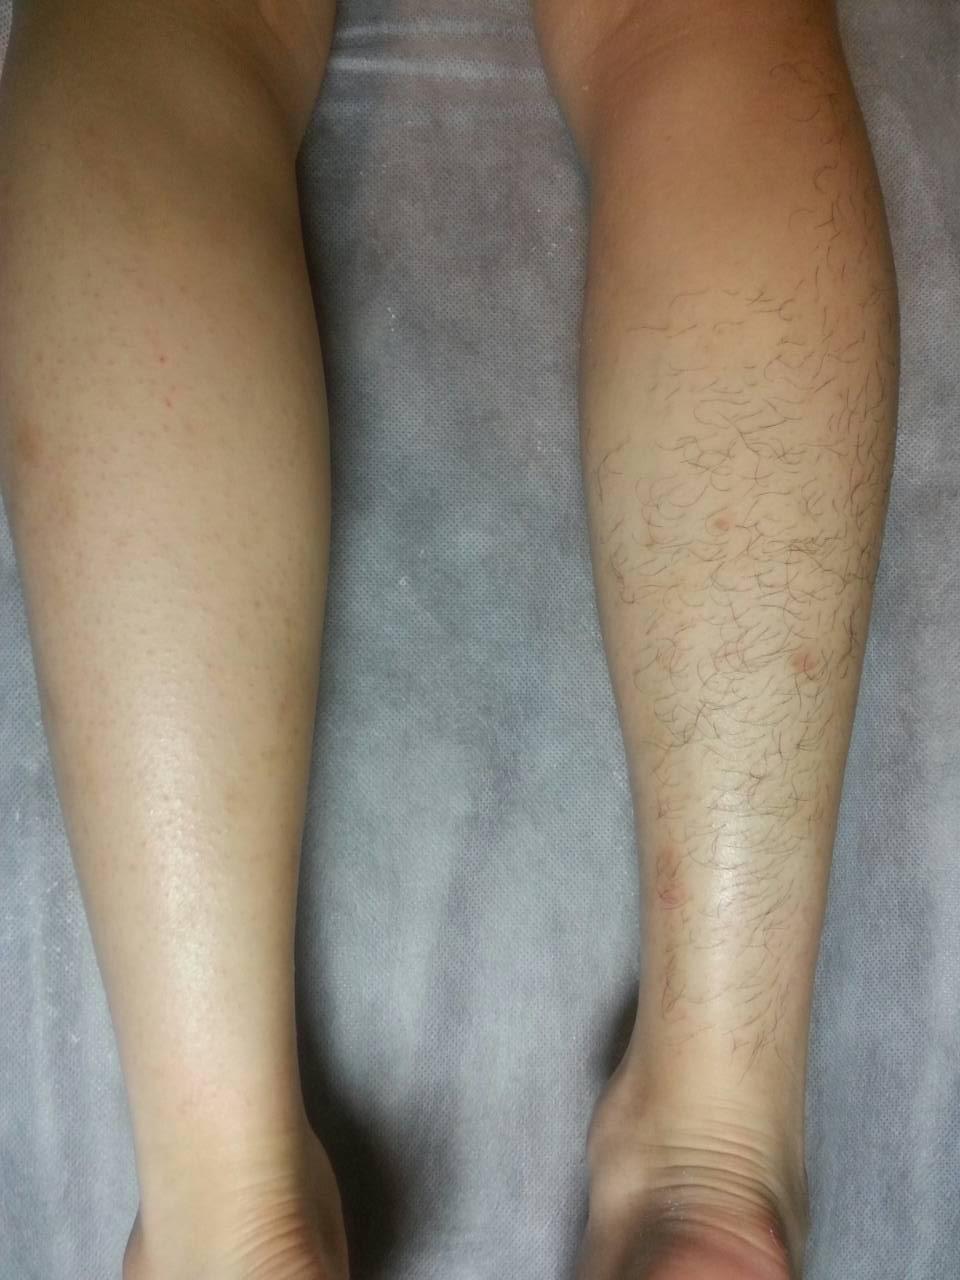 【ブラジリアンワックス】男性・メンズが脱毛して大丈夫?正しいやり方とコツを紹介のサムネイル画像